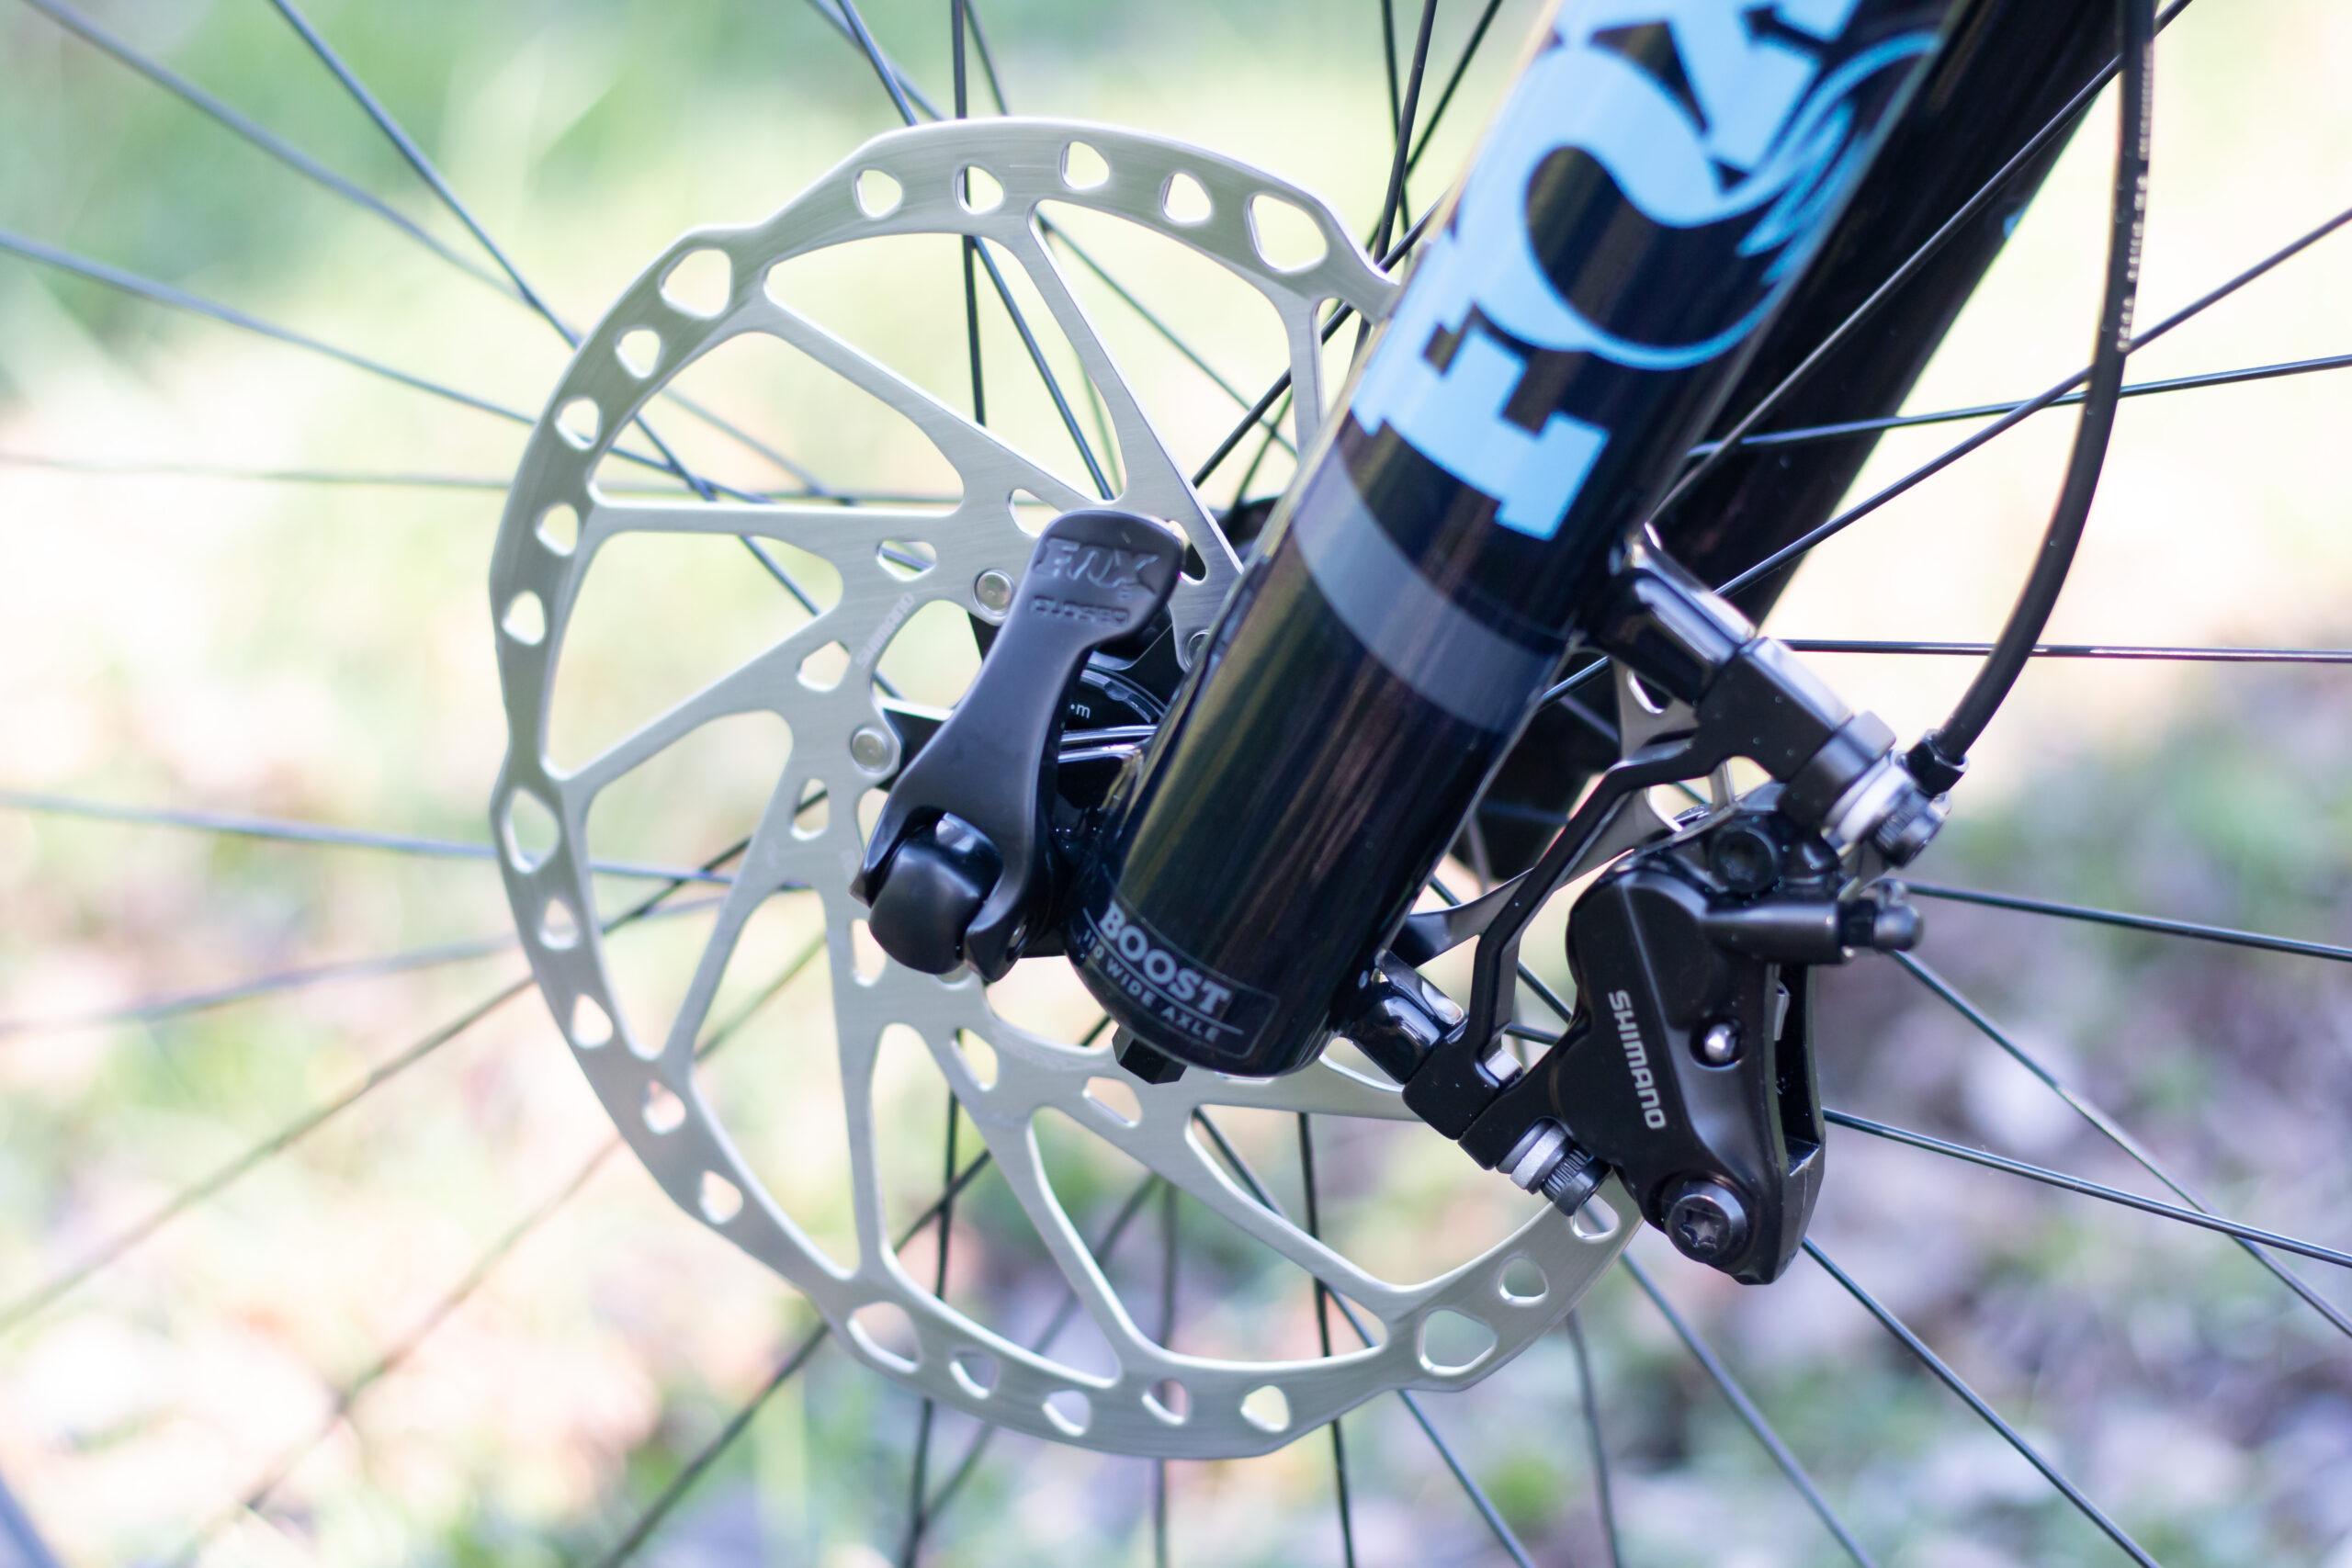 20210330 111040 00009 1 scaled - Fahrrad mit Scheibenbremse auf den Kopf stellen? Ja oder Nein?